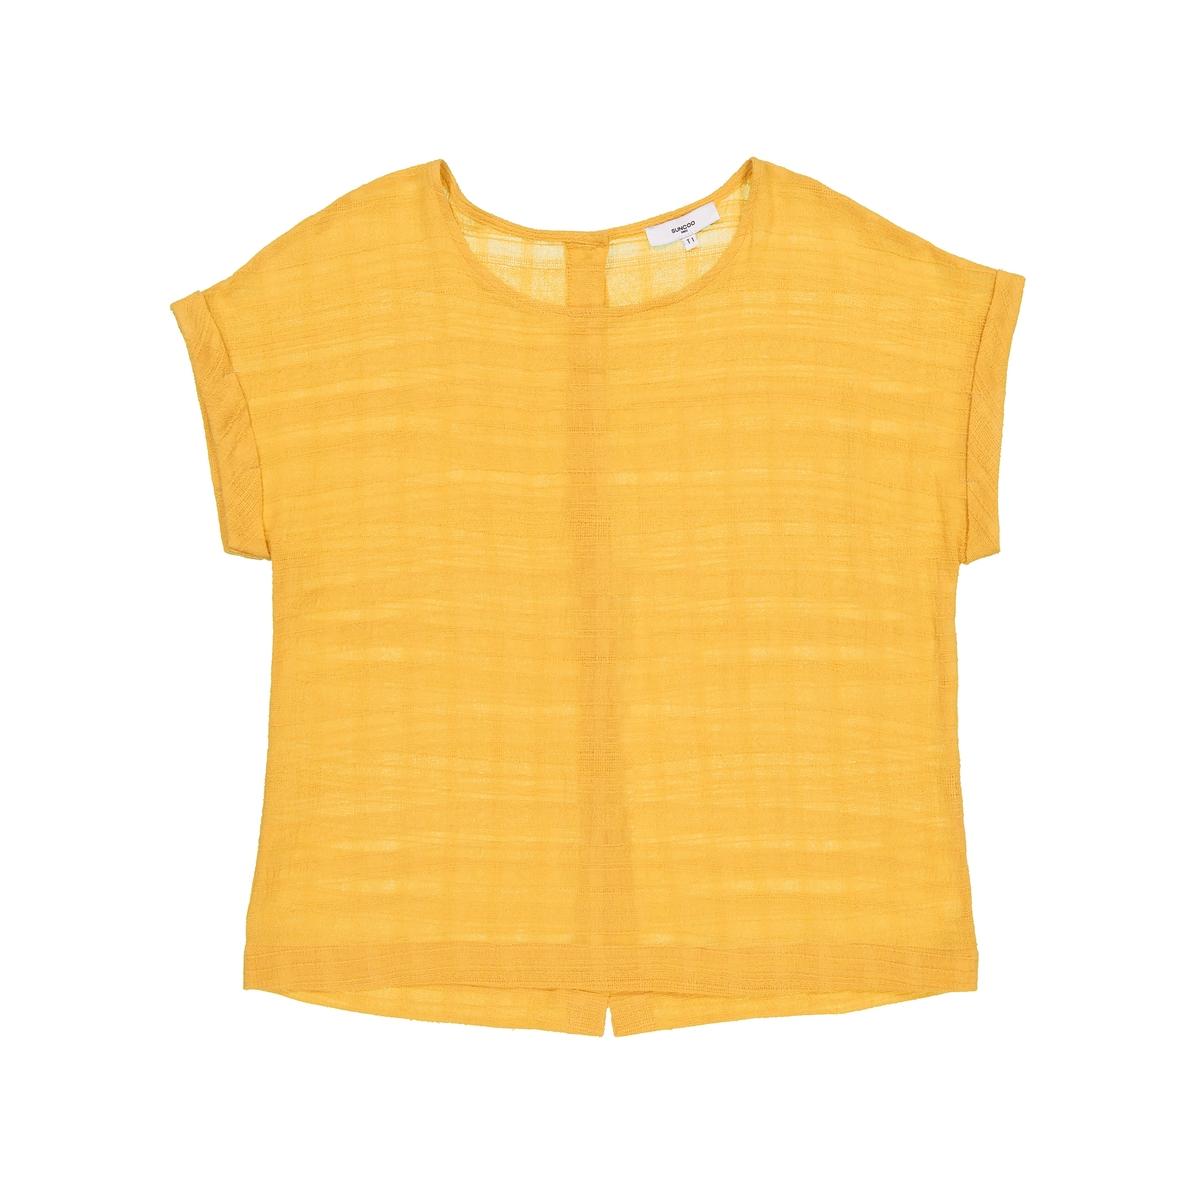 Блузка из хлопкаДетали •  Короткие рукава •  Круглый вырез Состав и уход   •  100% хлопок • Просьба следовать советам по уходу, указанным на этикетке изделия<br><br>Цвет: желтый карри<br>Размер: L